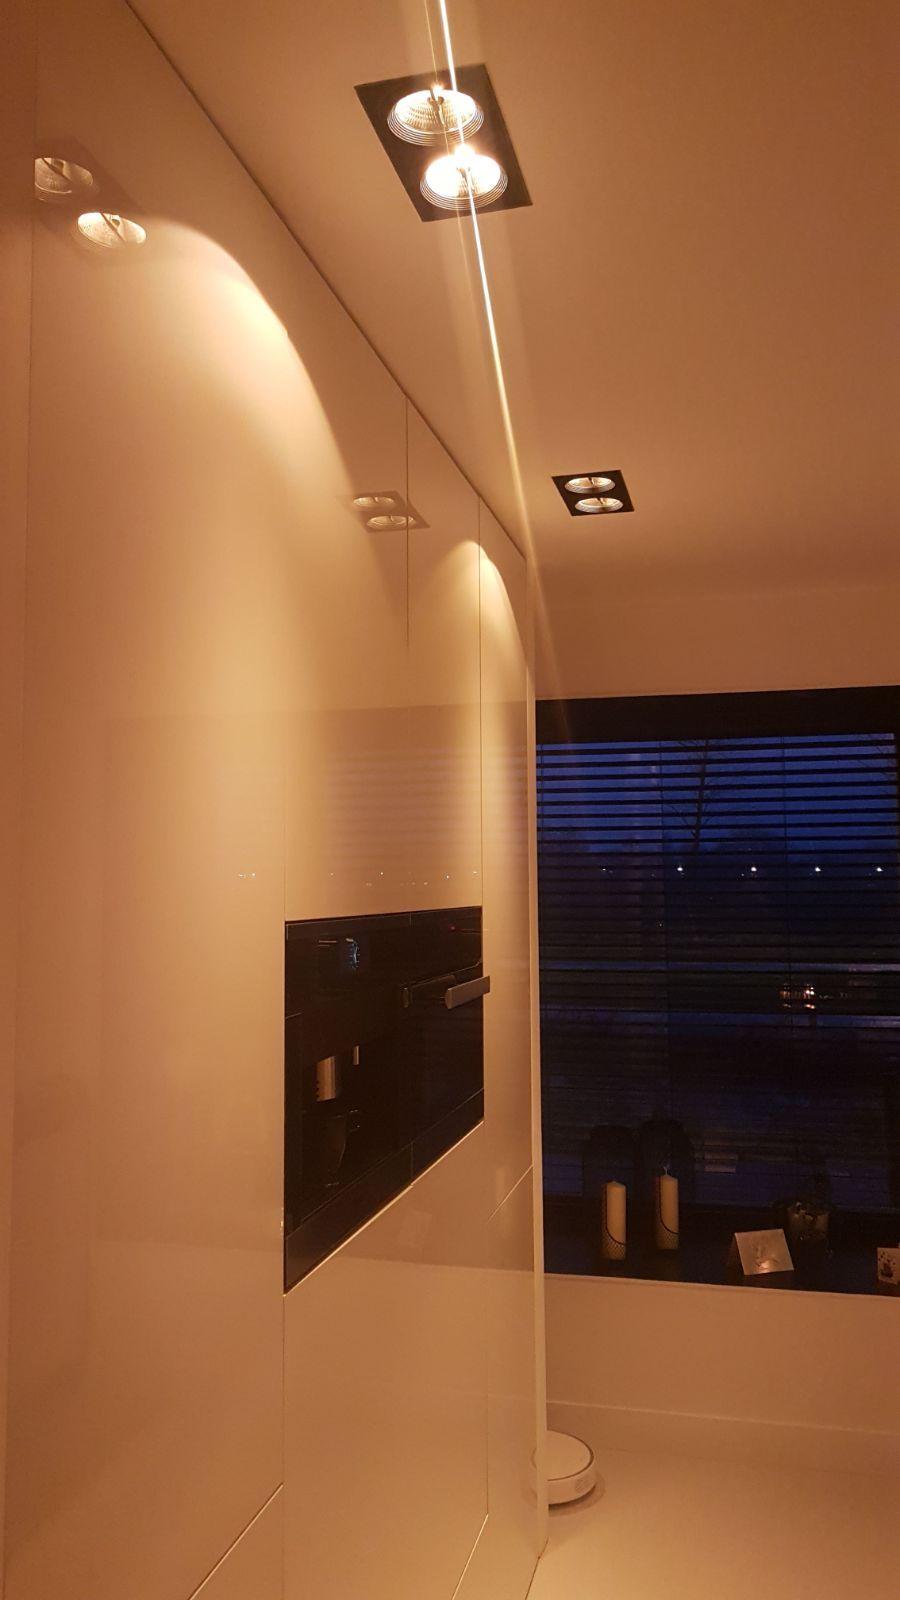 Nieuw Dutch Design Lampen Gave Zwarte Led Spots Spotjes Ingebouwd In Stucwerk Dim To Warm Meer Info Info Dutchdesignlampe Lampen Spotjes Spotjes Lampen